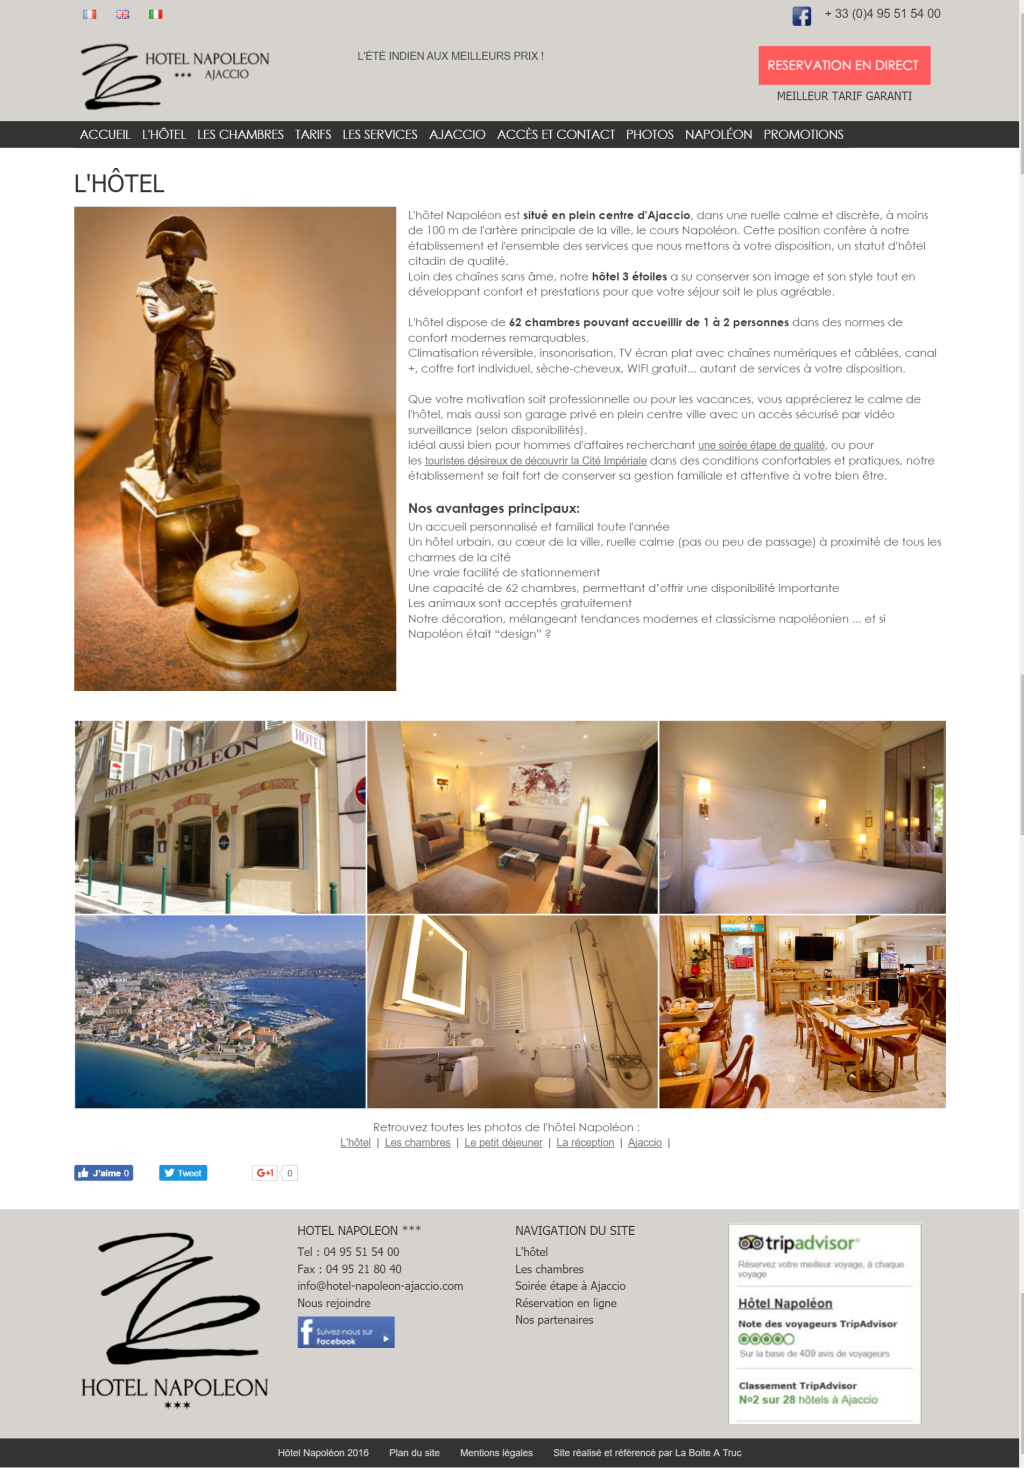 Découvrir le site de l'hôtel Napoléon